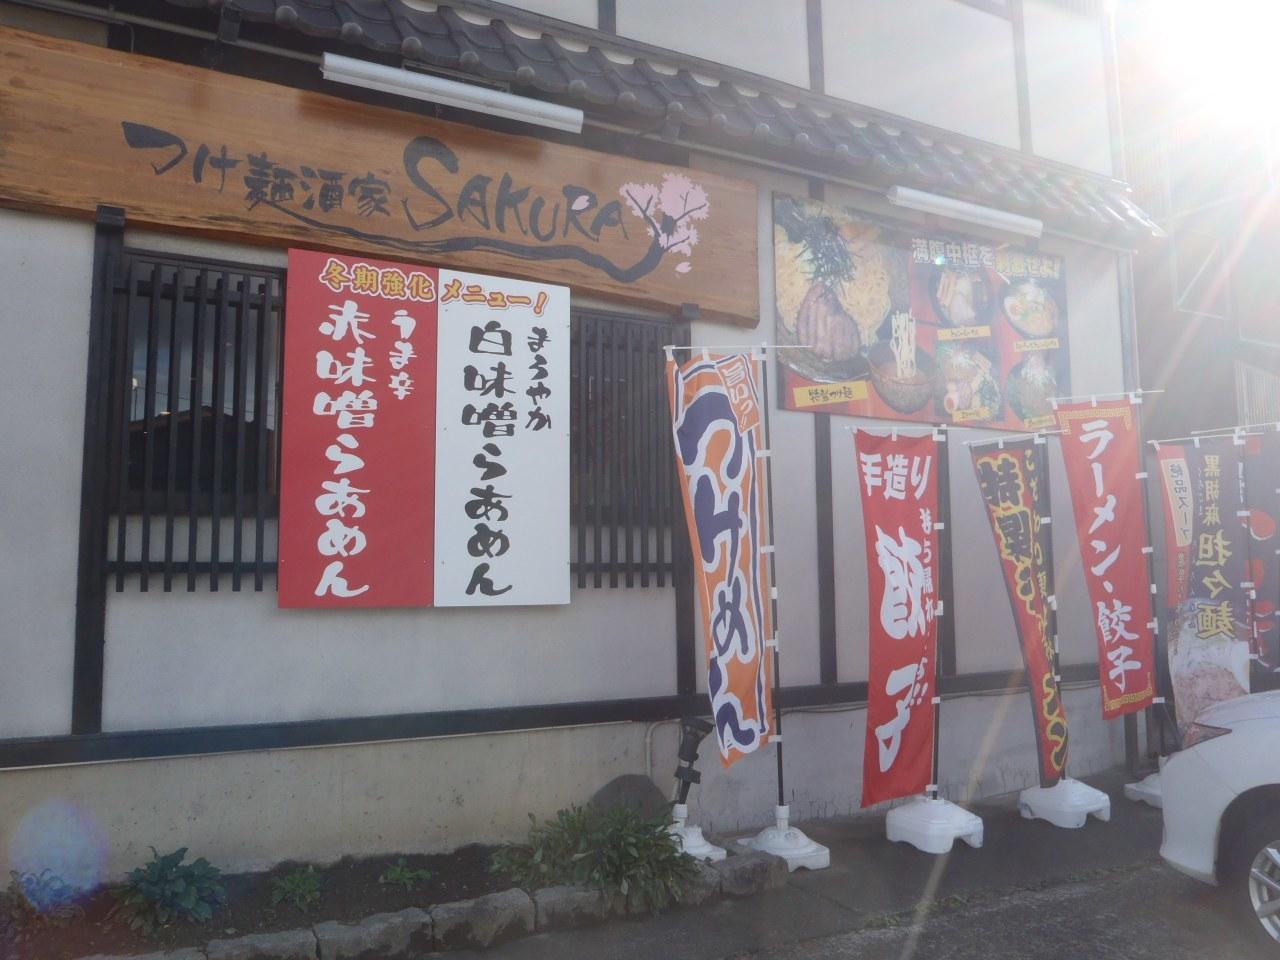 つけ麺酒家 さくら  @十日町市_a0114853_16384676.jpg